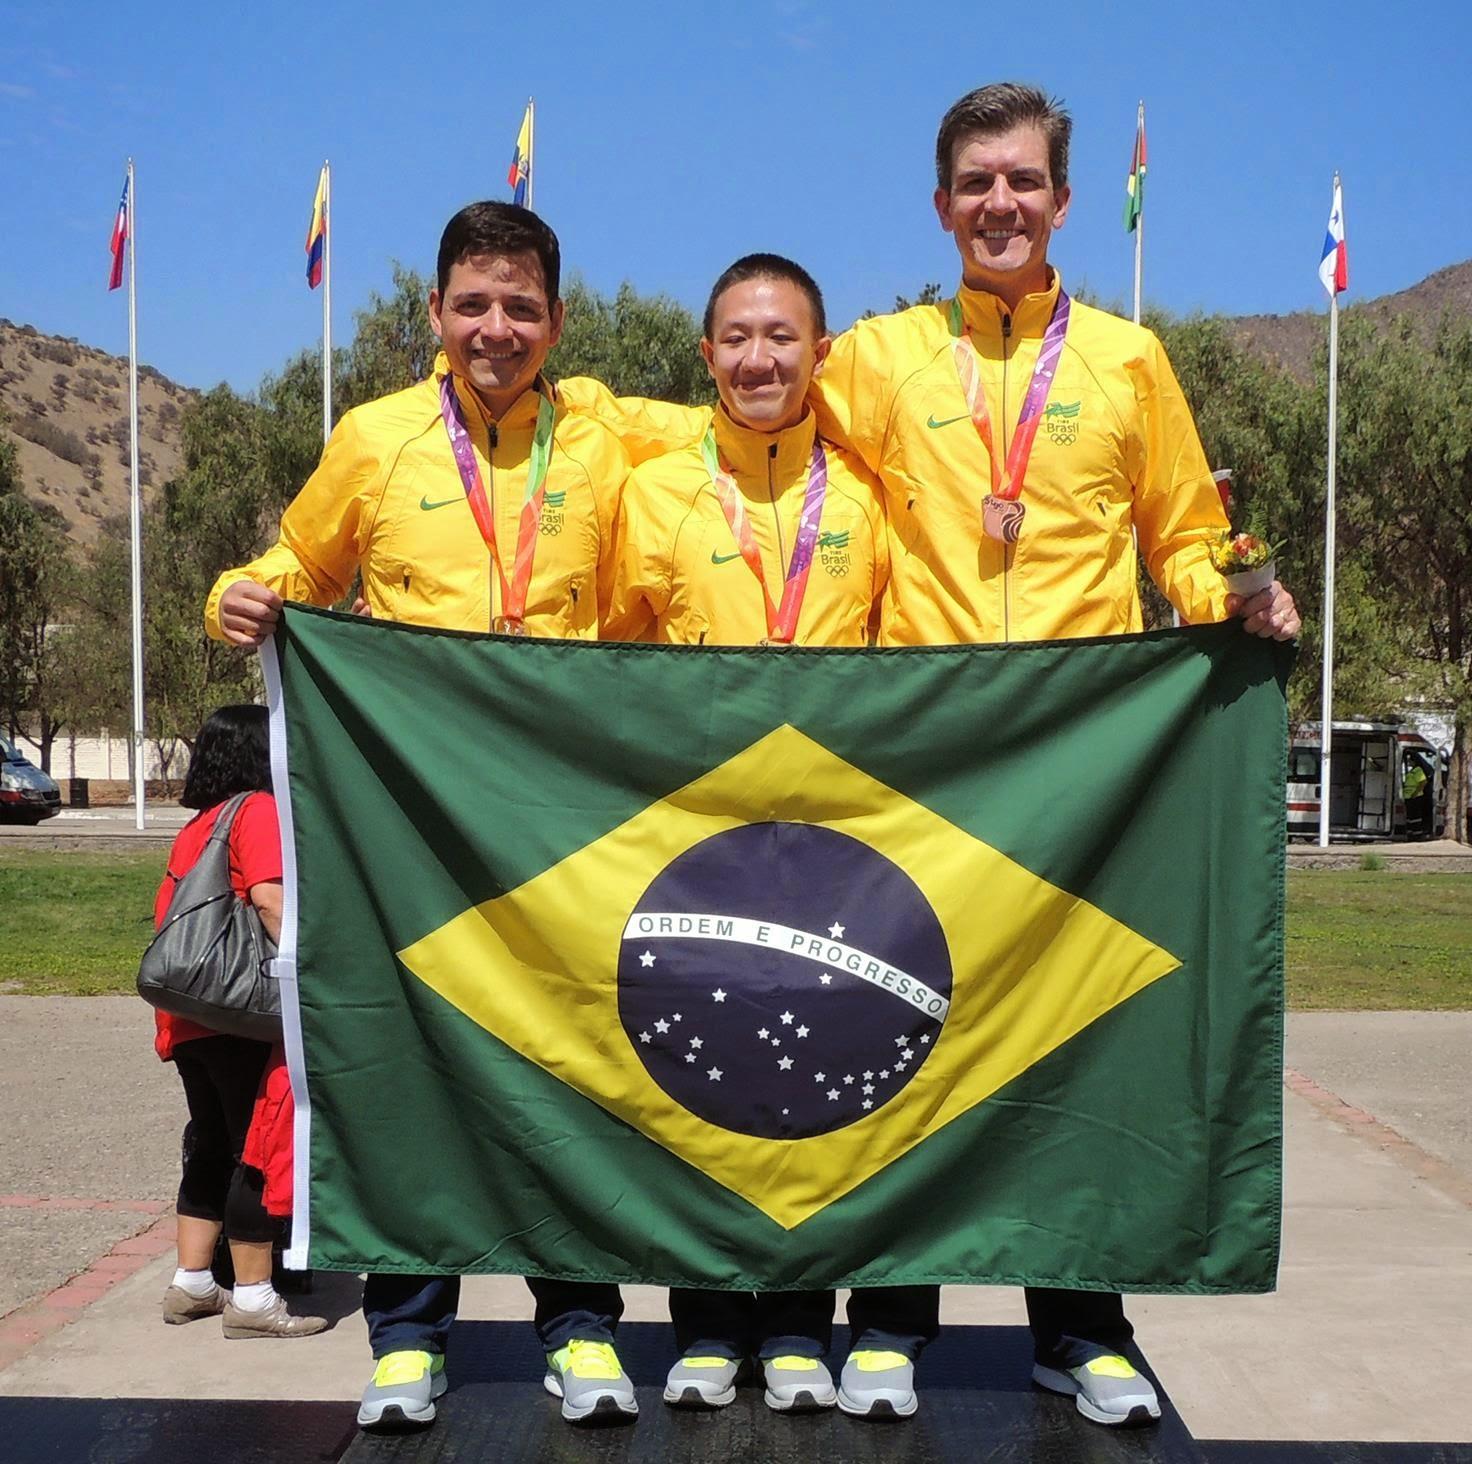 Leonardo Moreira, Felipe Wu e Cassio Rippel comemoram juntos suas conquistas nos Jogos Sul-Americanos de Santiago - Foto: Divulgação/ CBTE